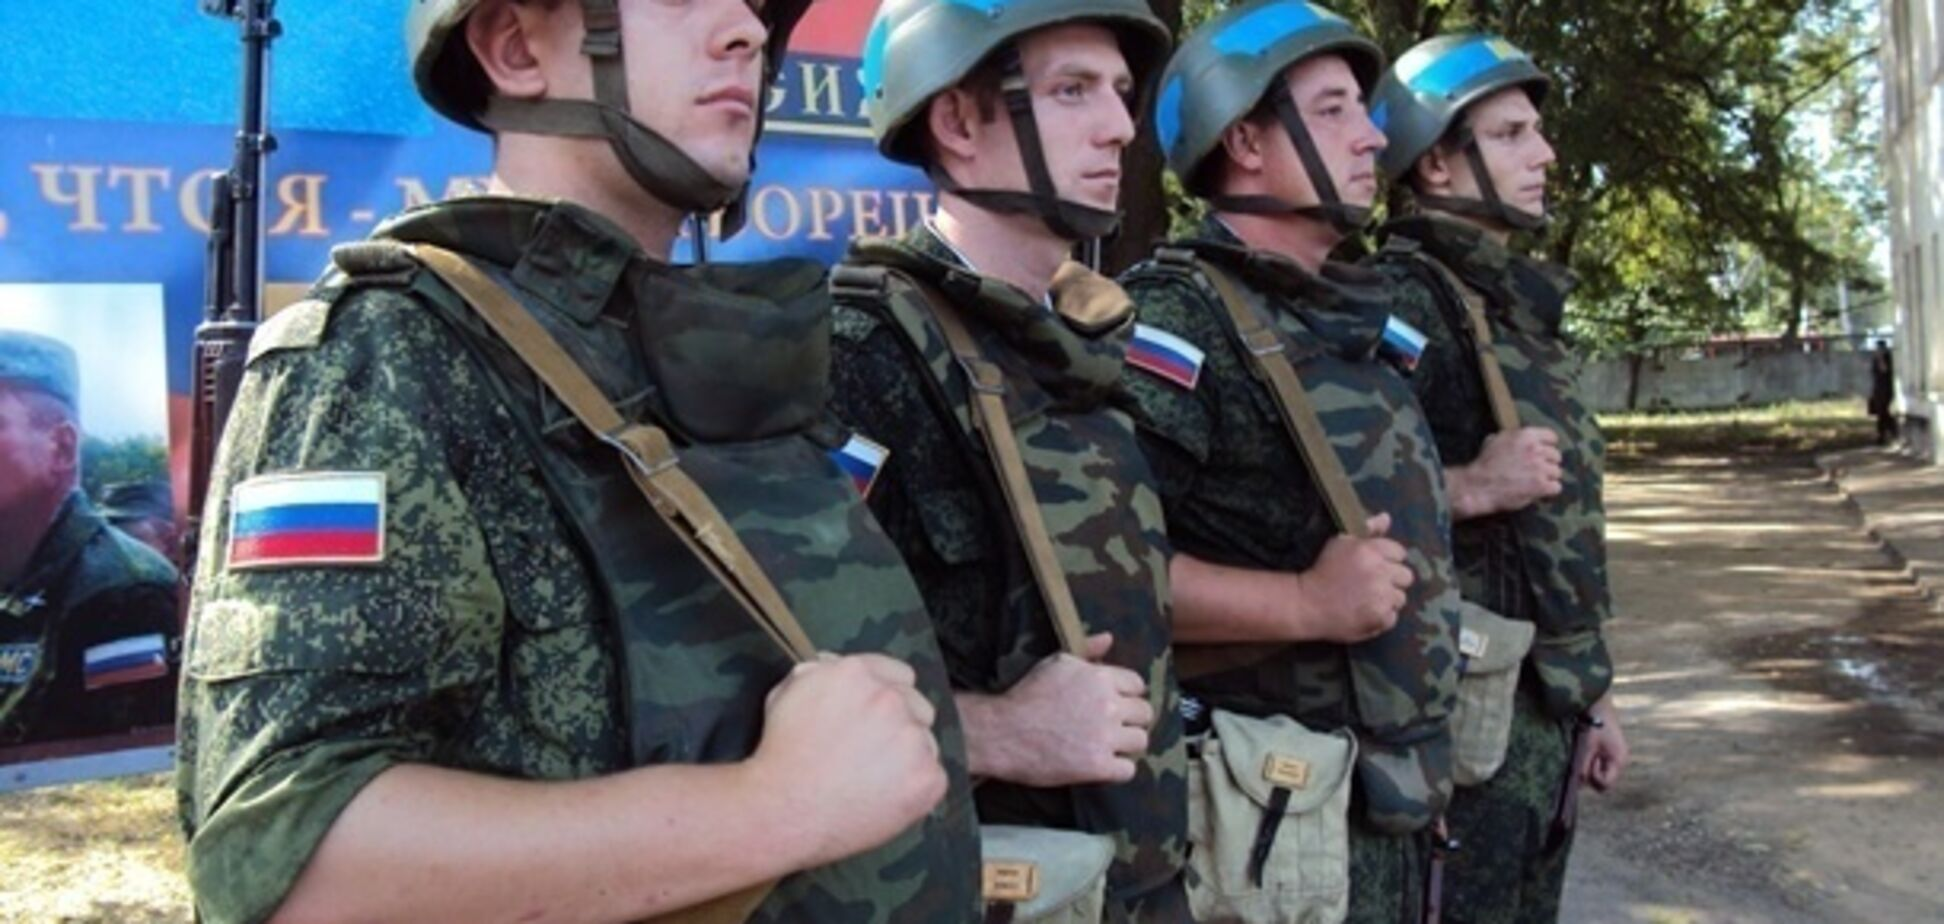 Провокація проти сусіда України: діям Росії дали пояснення